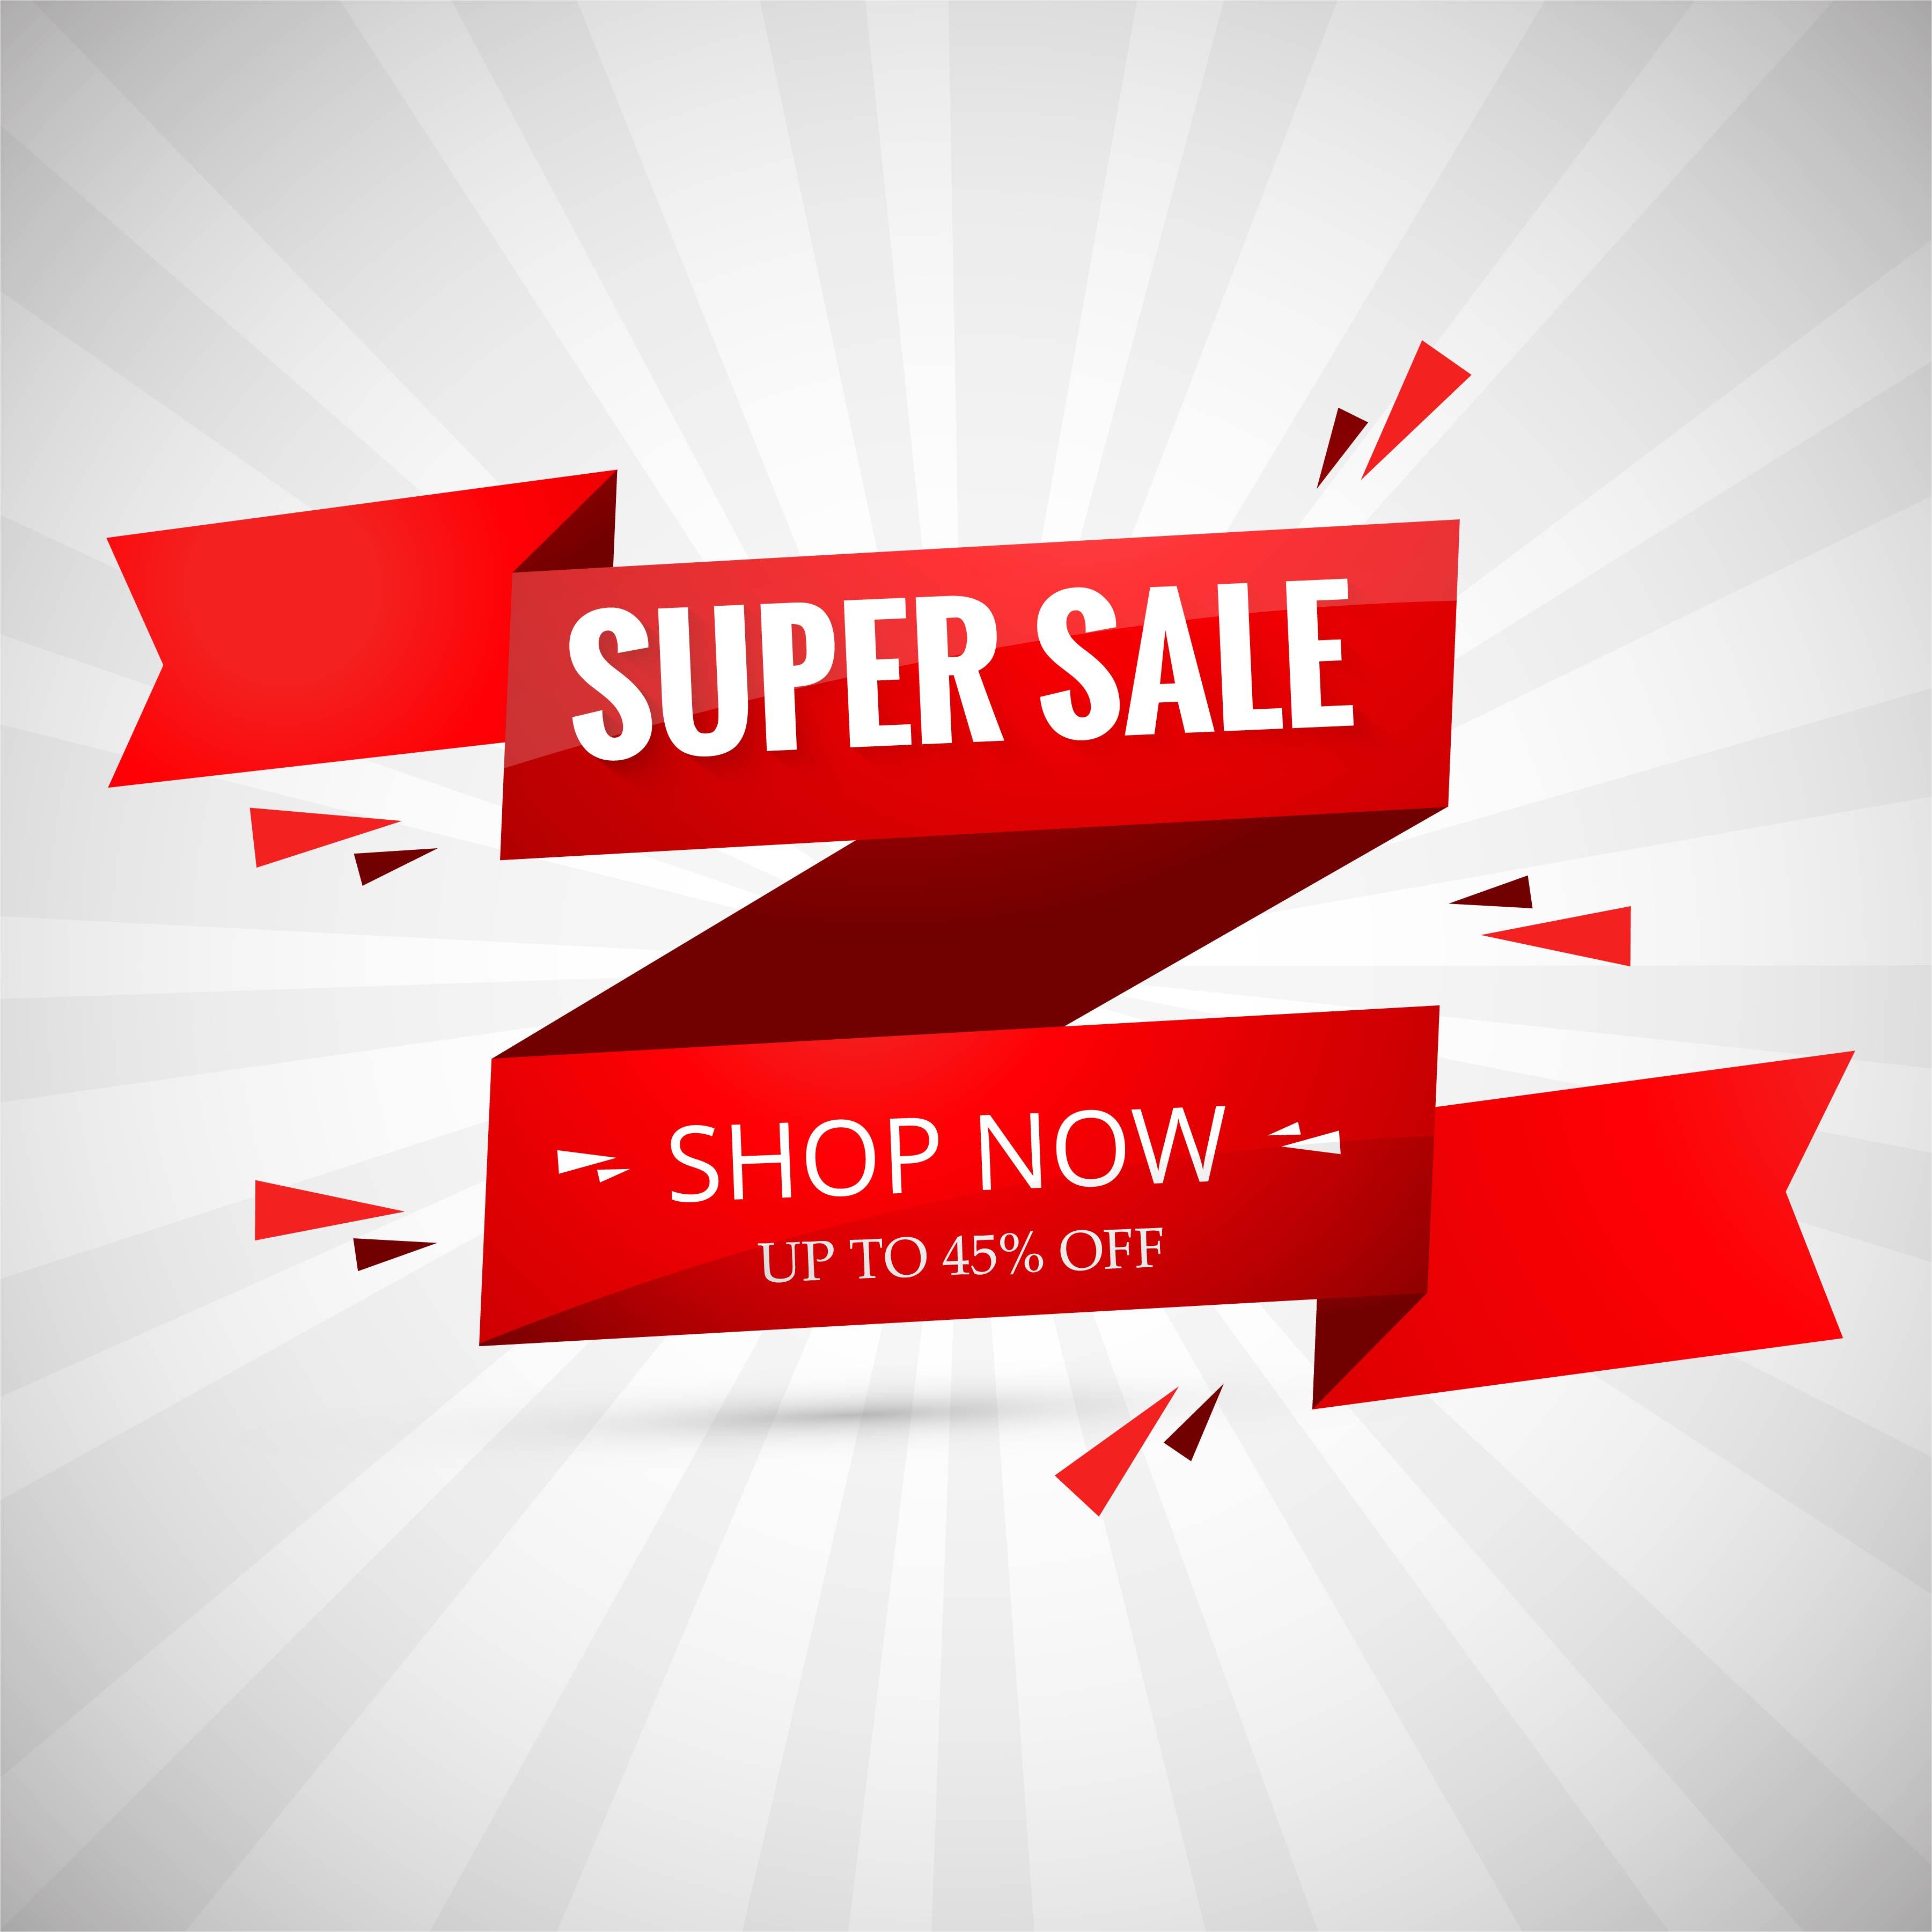 Free Comic Book Day Banner: Super Sale Banner Design. Vector Illustration